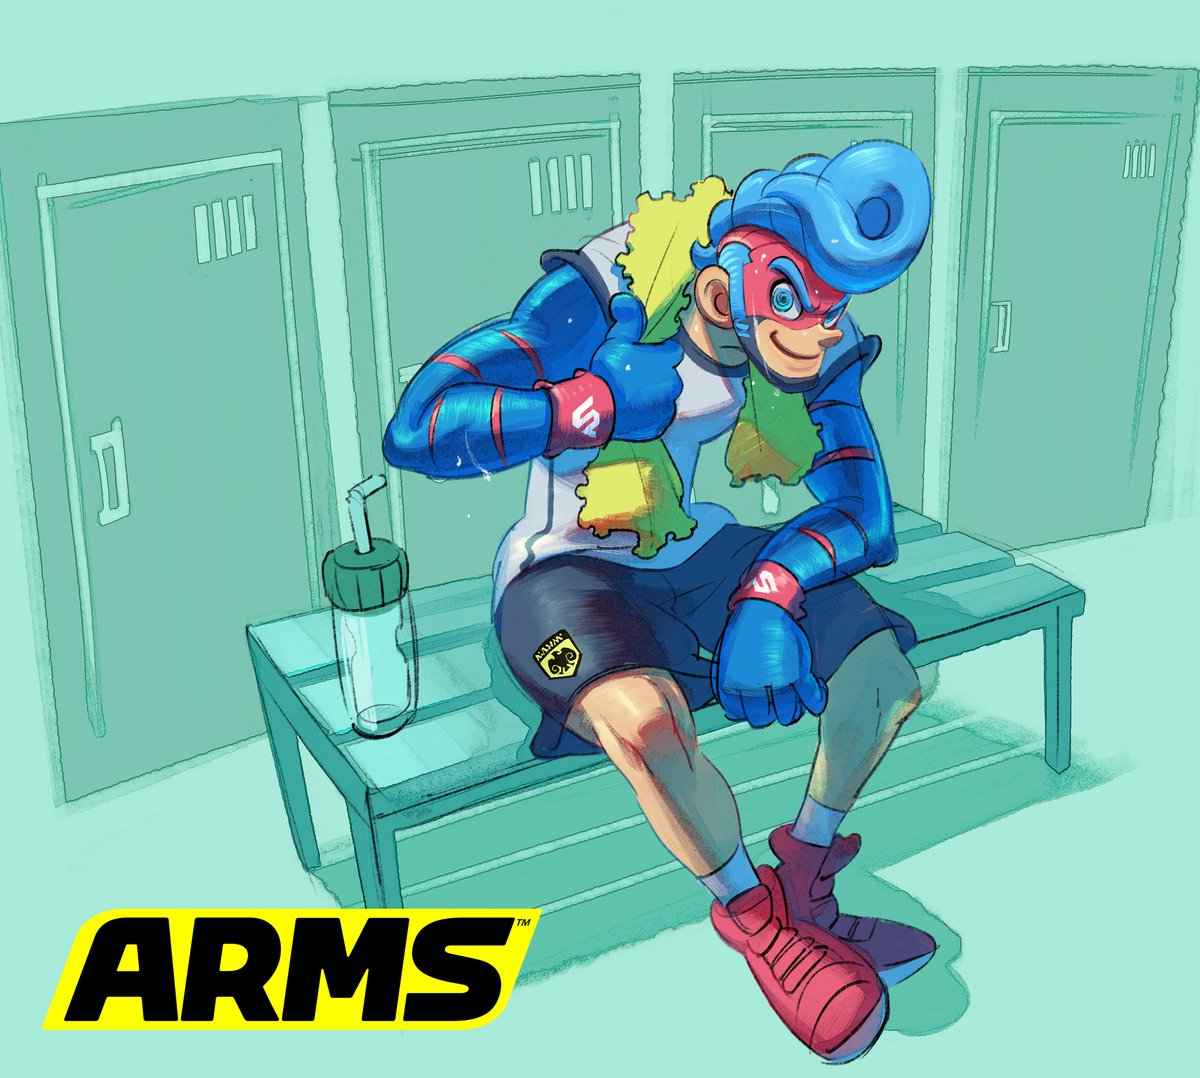 【TSUTAYA ゲームランキング】 6月16日発売の新作『ARMS』が1位に!